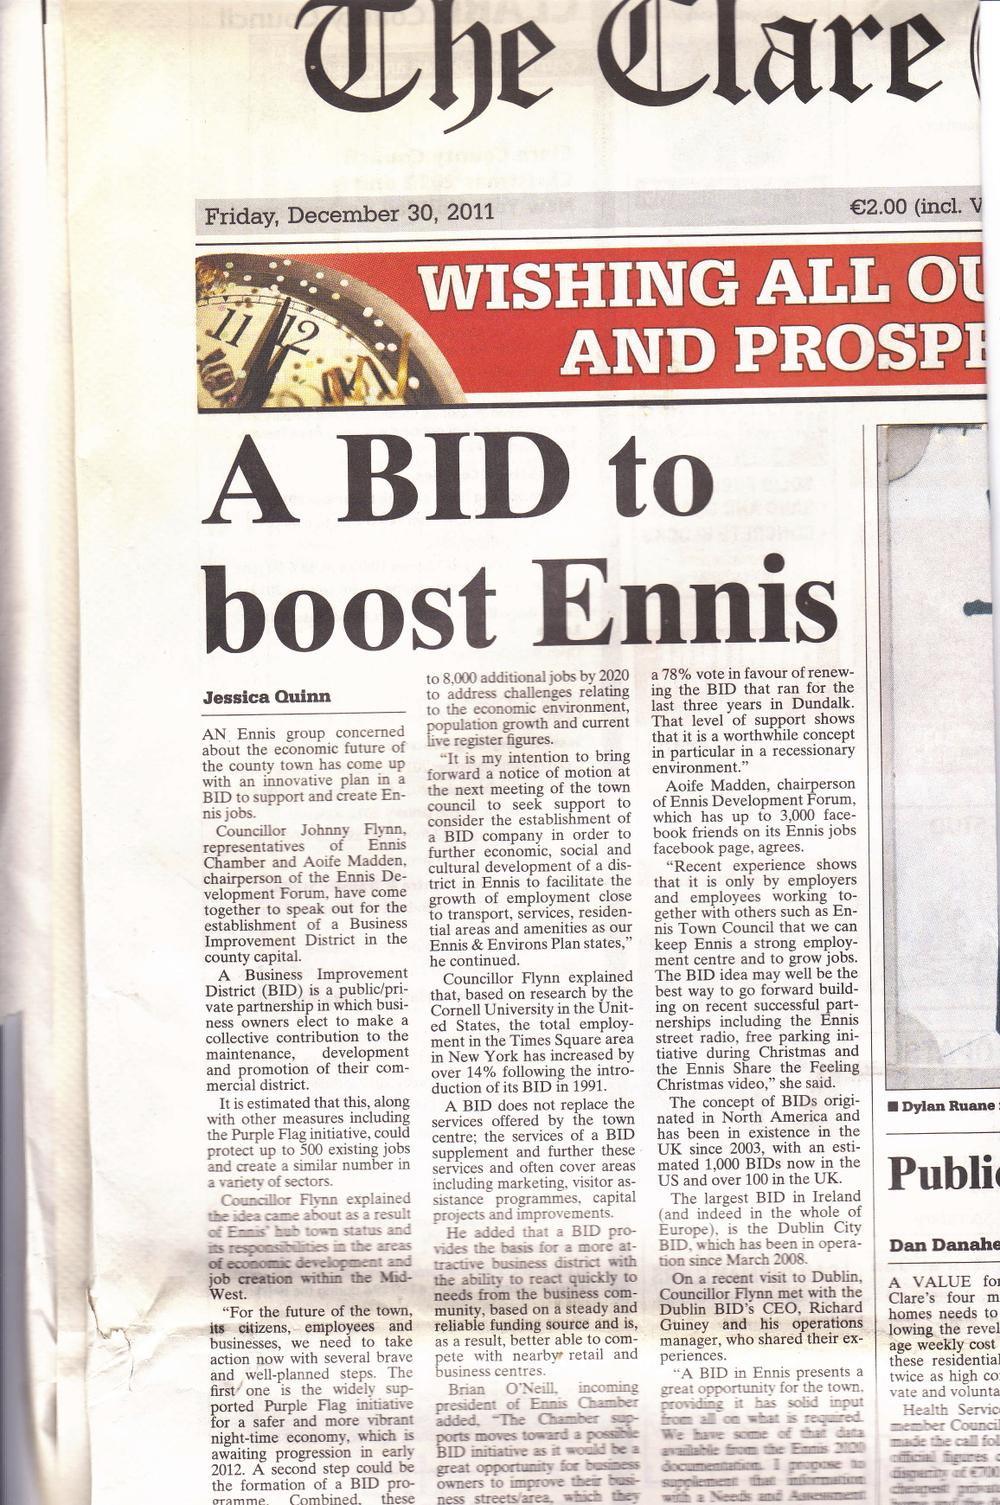 A BID to boost Ennis